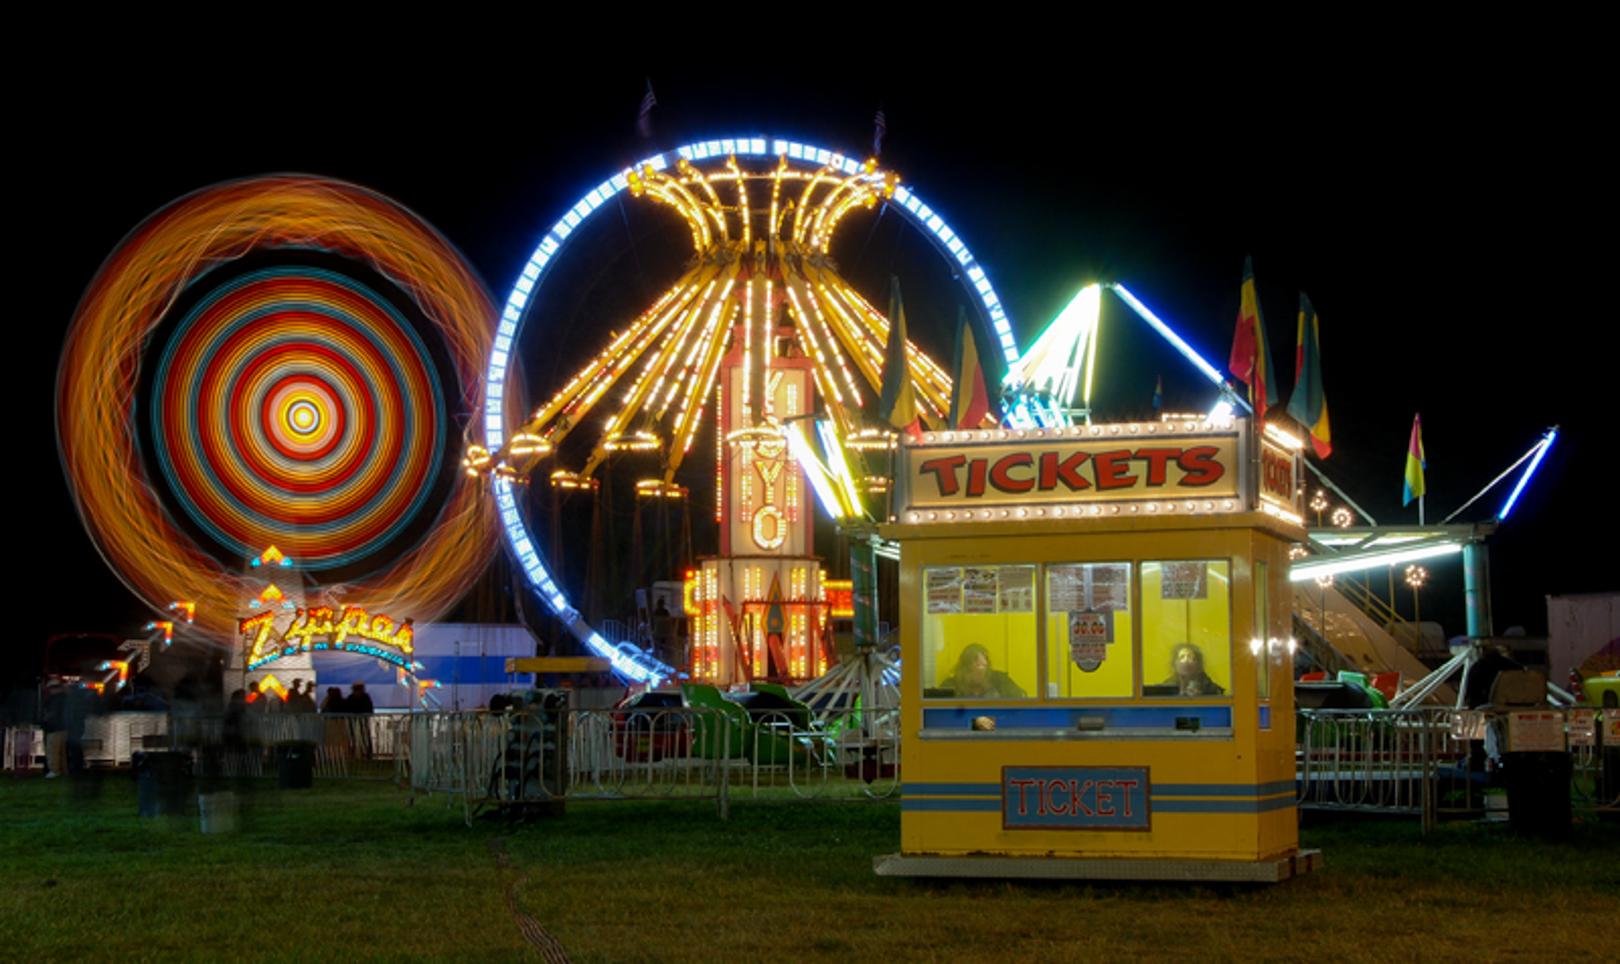 Fairgrounds Tickets web-3.jpg